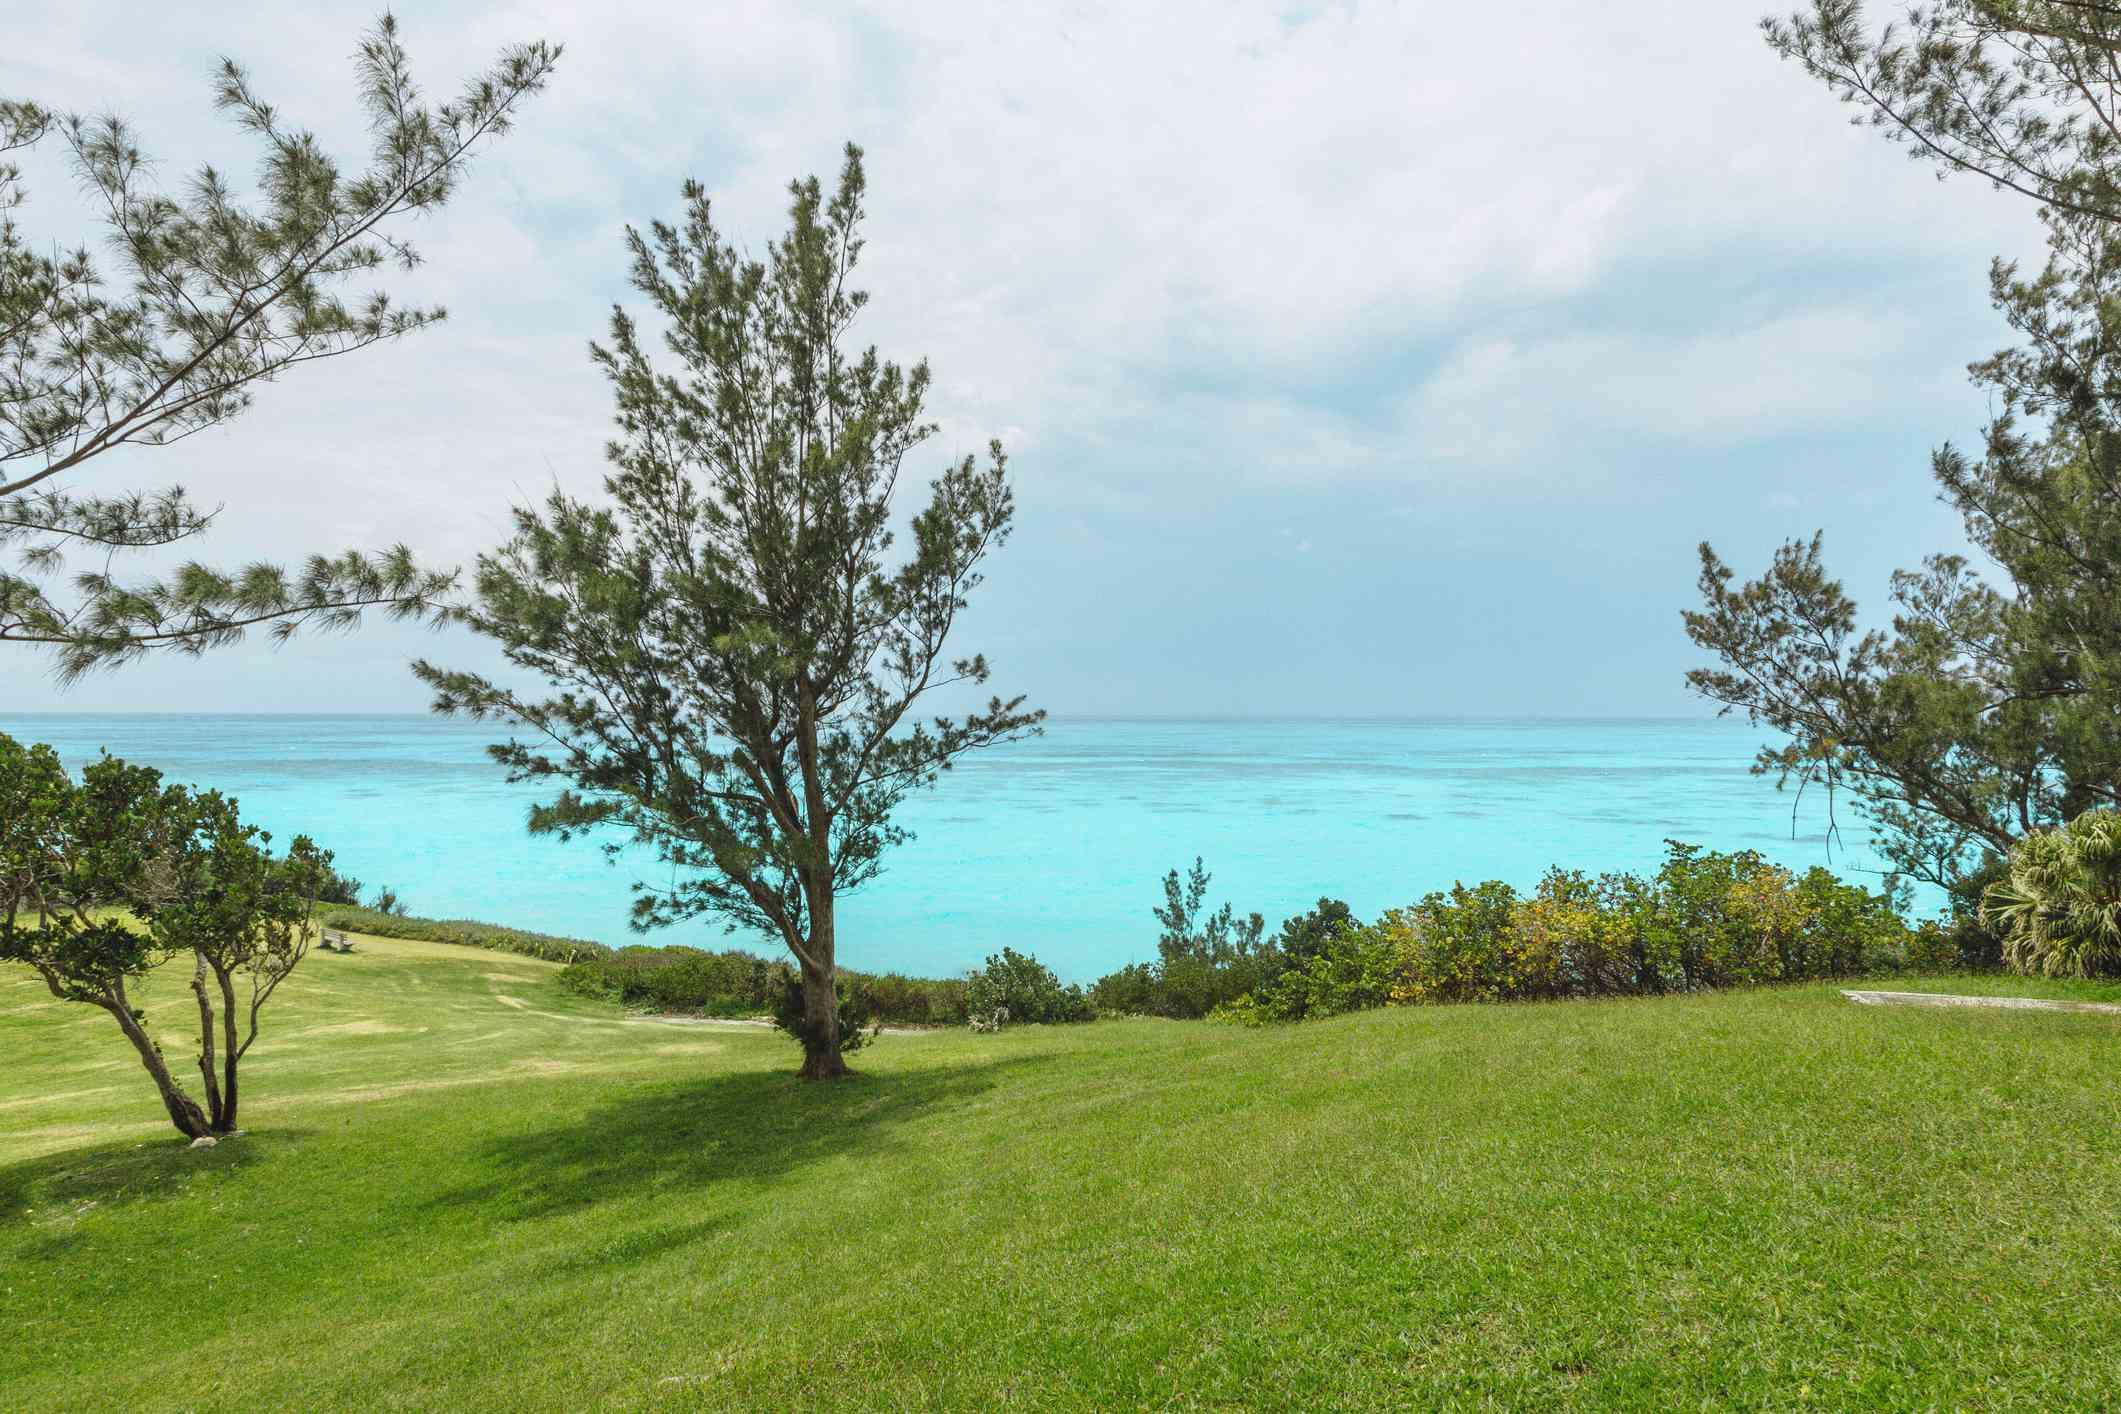 Whale Bay Park in Bermuda